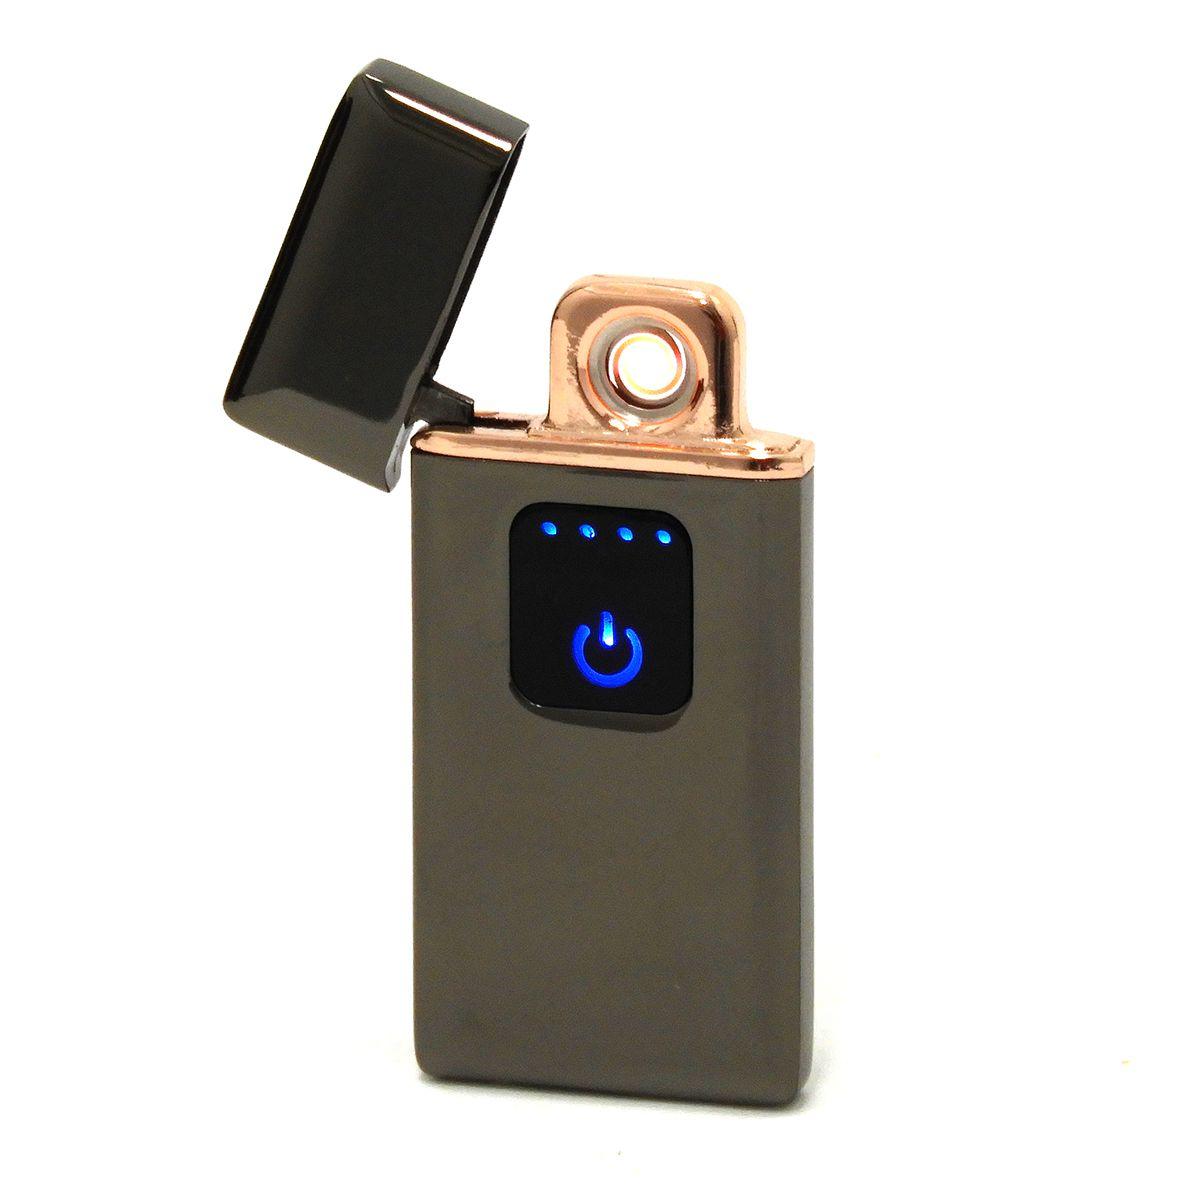 Isqueiro Eletrônico Recarregável USB Exclusivo, Elegante e Durável -Lighter